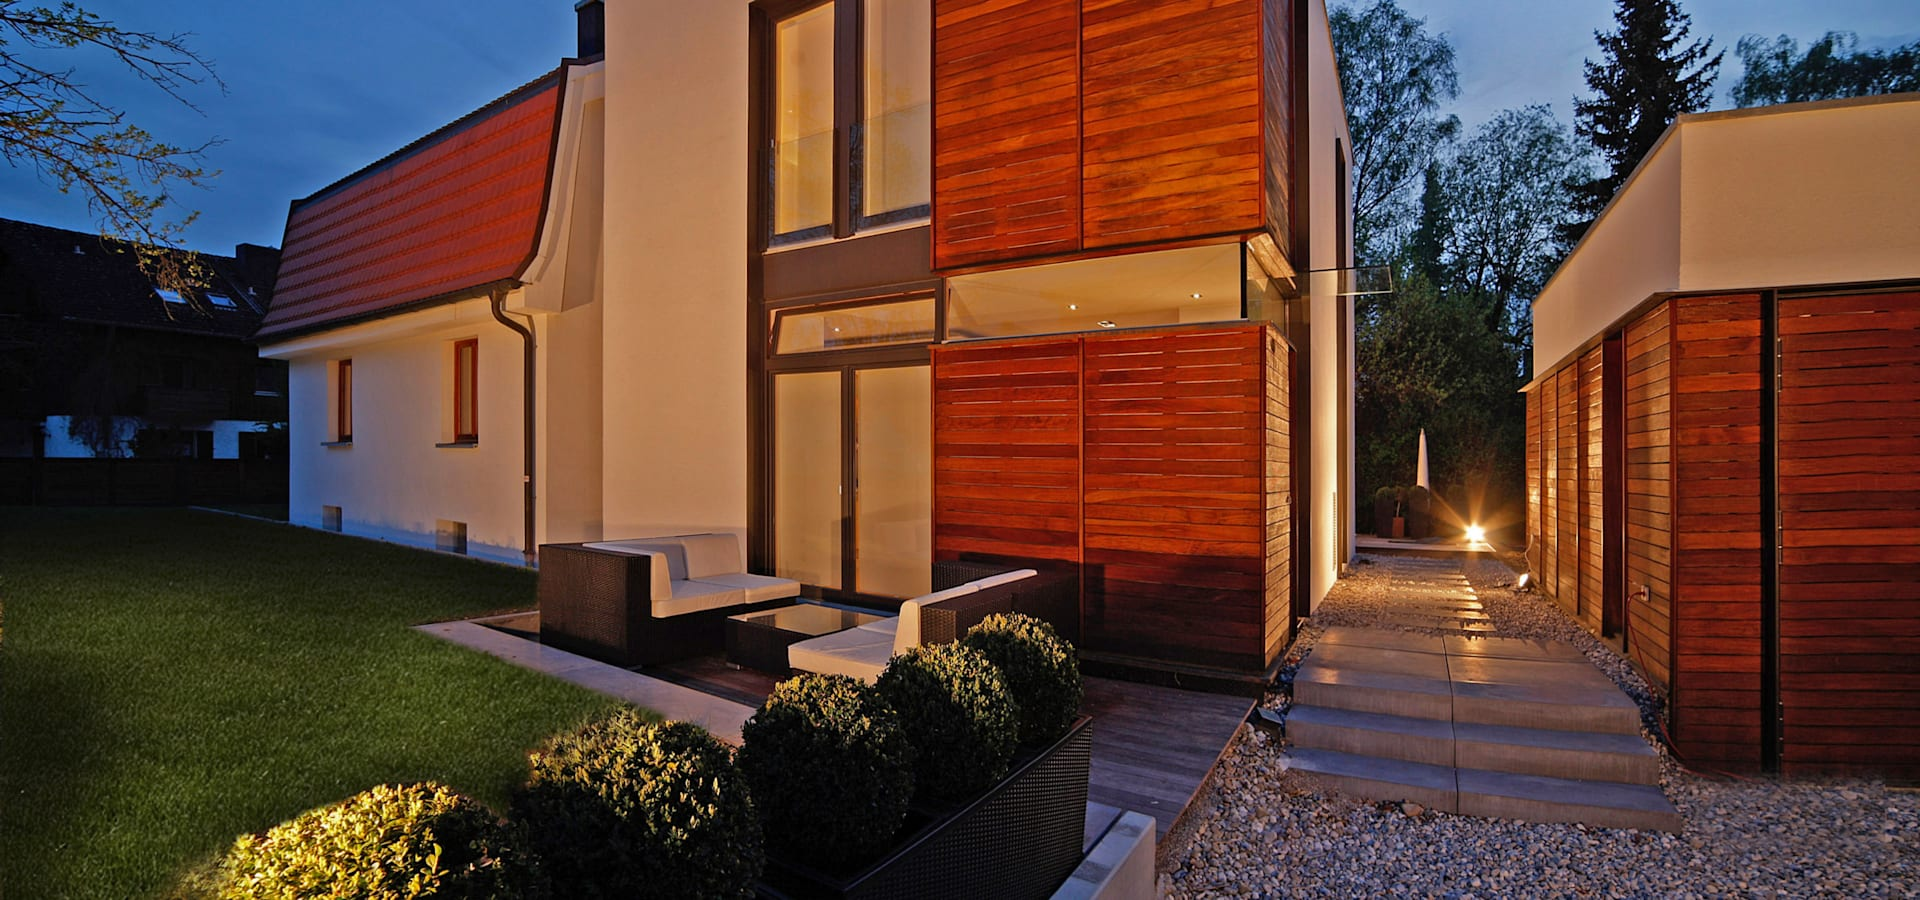 Gerhard Blank Fotografie für Immobilien & Architektur